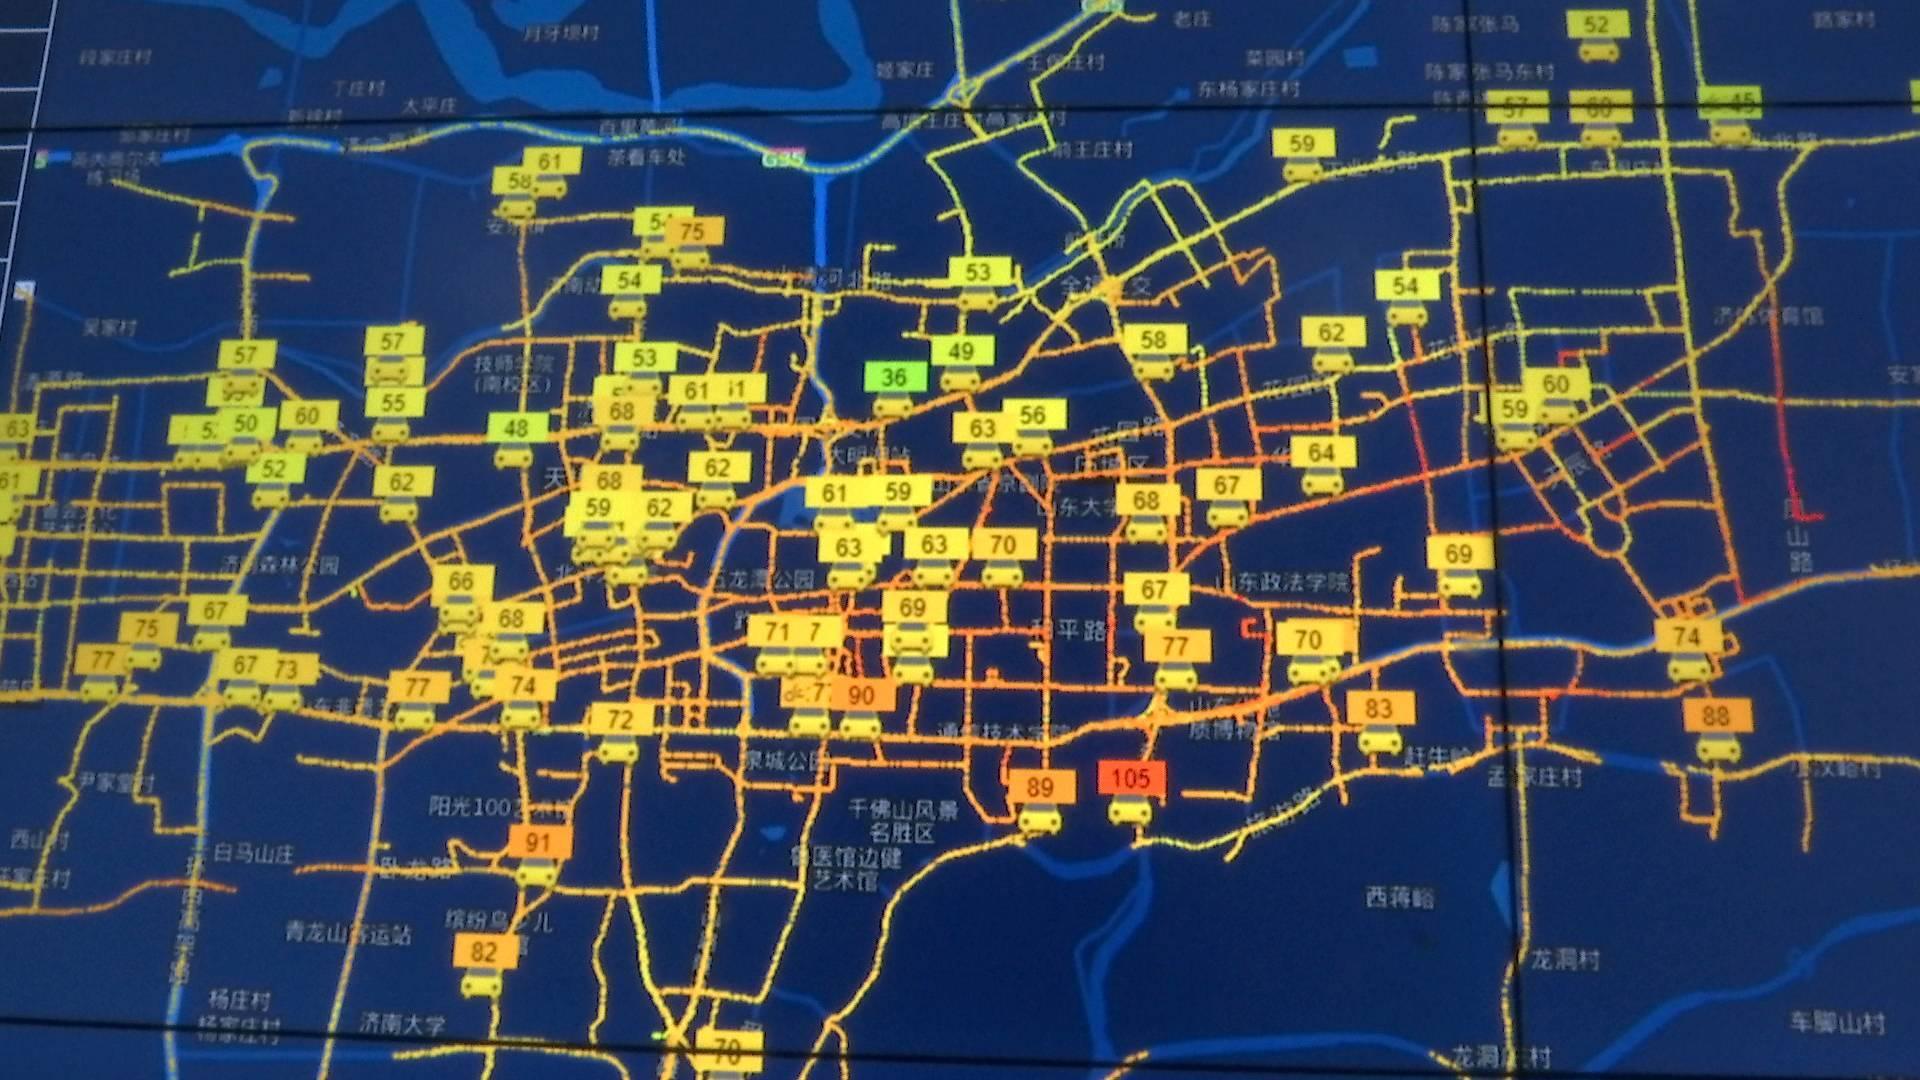 重污染天气橙色预警 济南今日部分地区轻度颗粒物污染